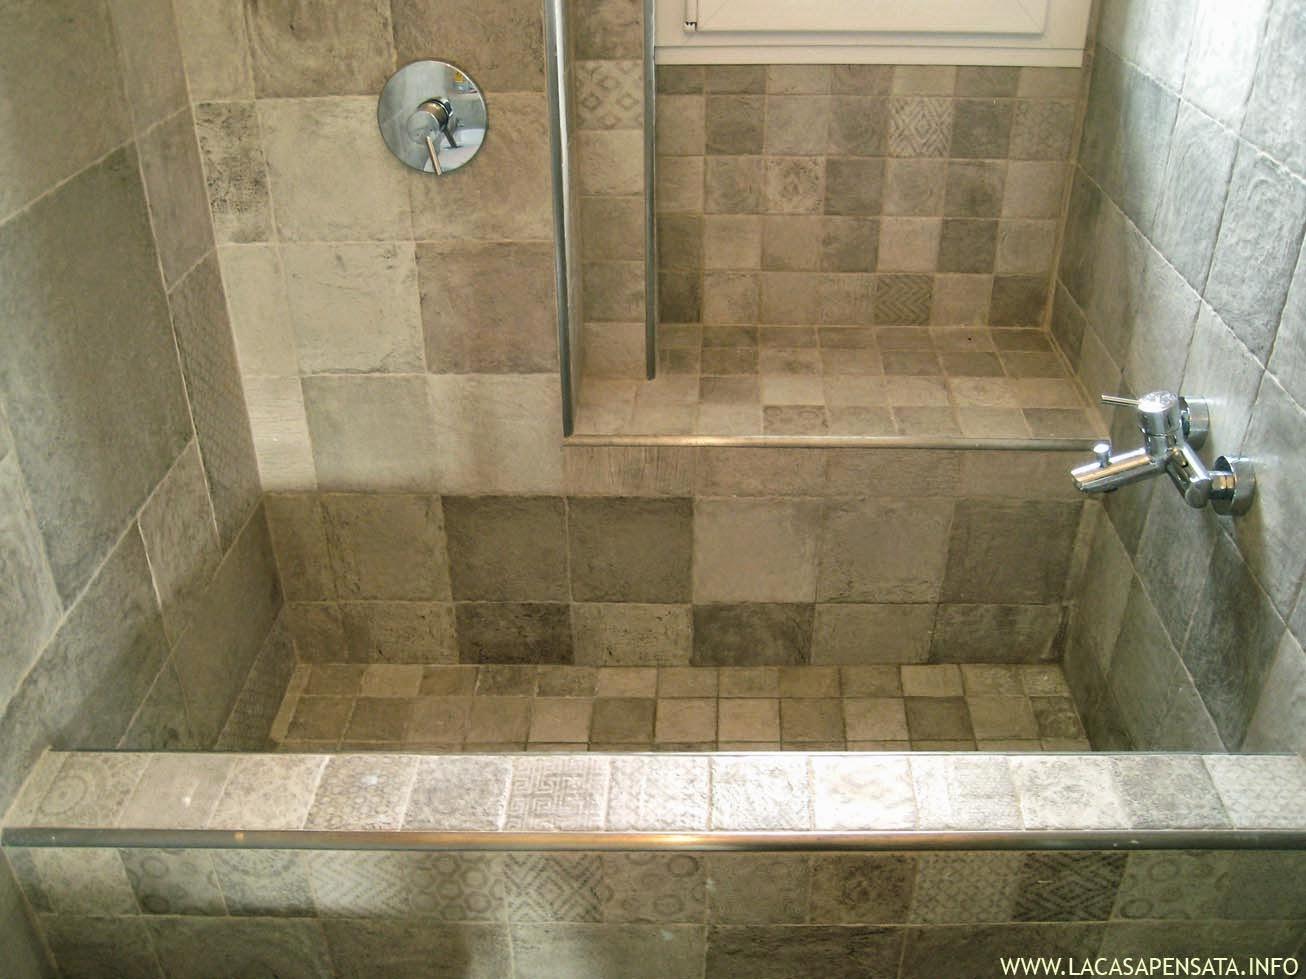 Vasca Da Bagno Muratura : Vasca da bagno in muratura rivestimento bagno moderno con